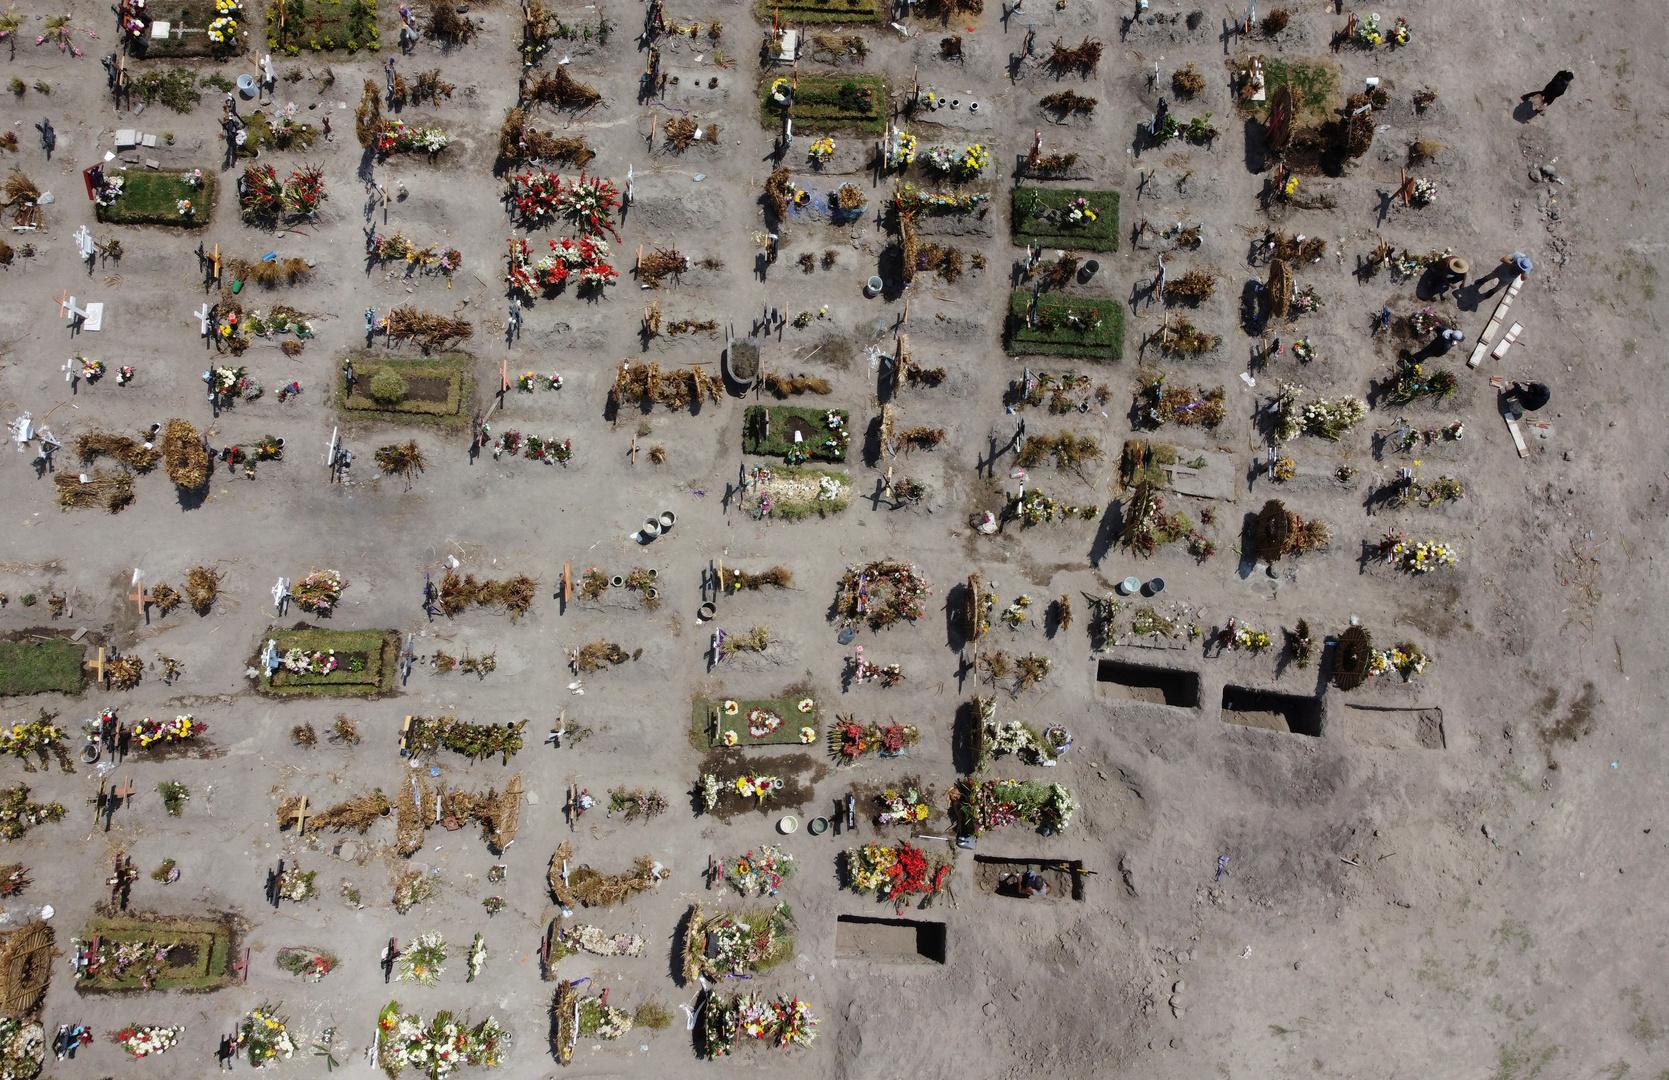 العثور على 59 جثة في مقابر سرية بولاية مكسيكية